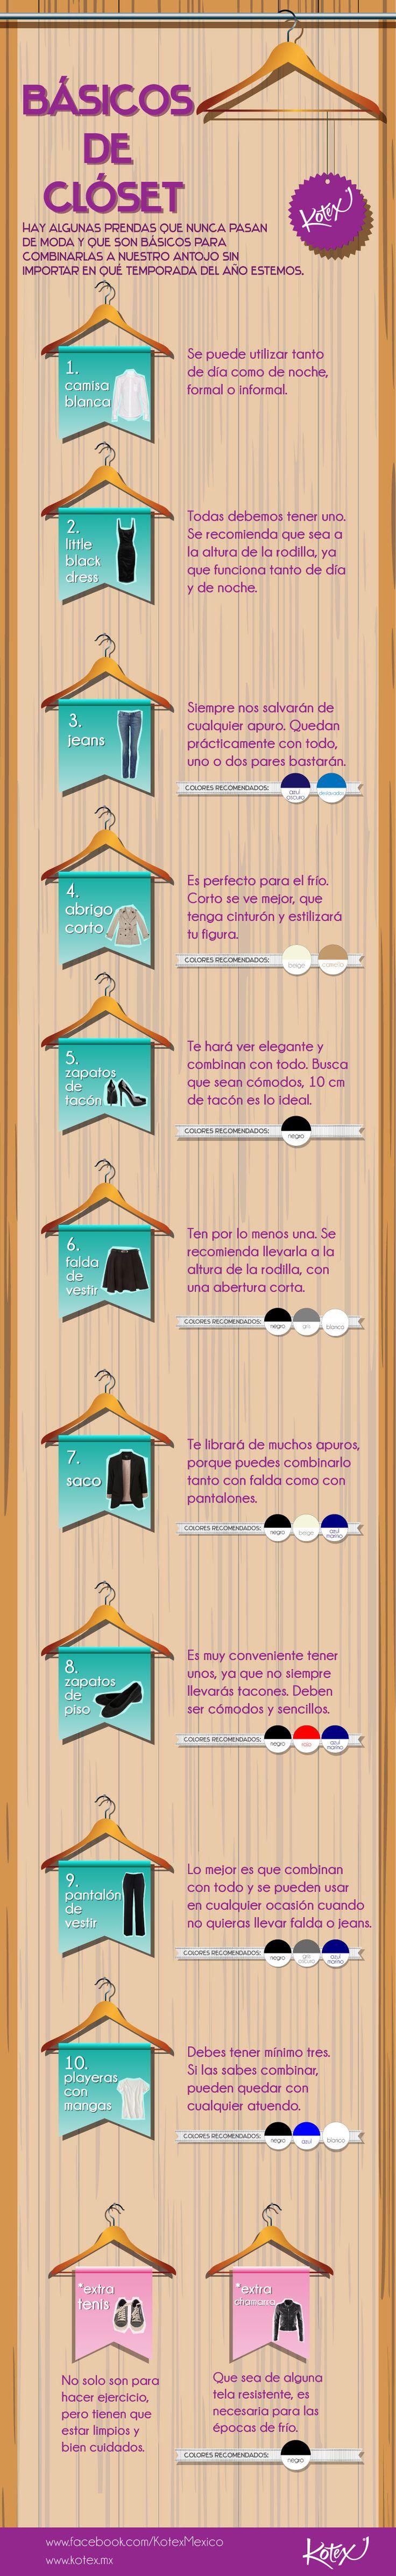 Lo necesario en el clóset para sobrevivir al mundo de la moda. ¿Sabes cuáles son los básicos? #fashion #moda #infografia #closet #cool #girl